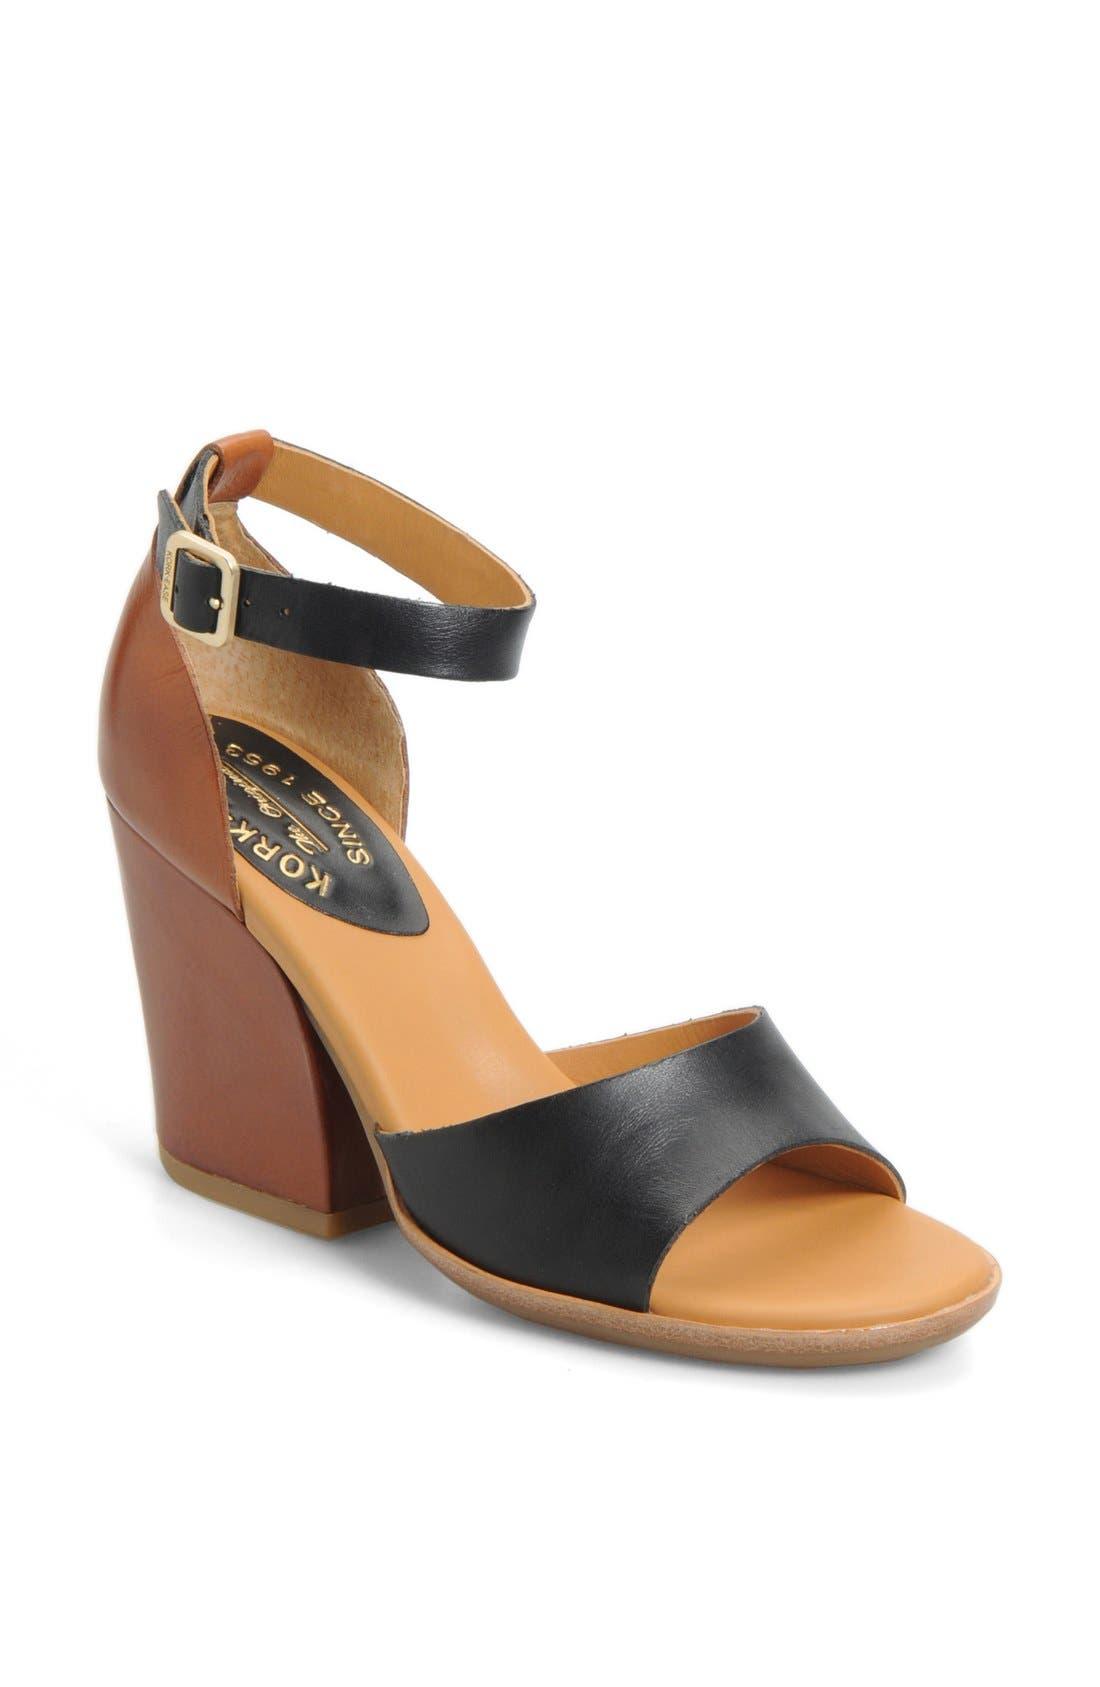 Alternate Image 1 Selected - Kork-Ease® 'Mimi' Sandal (Women)